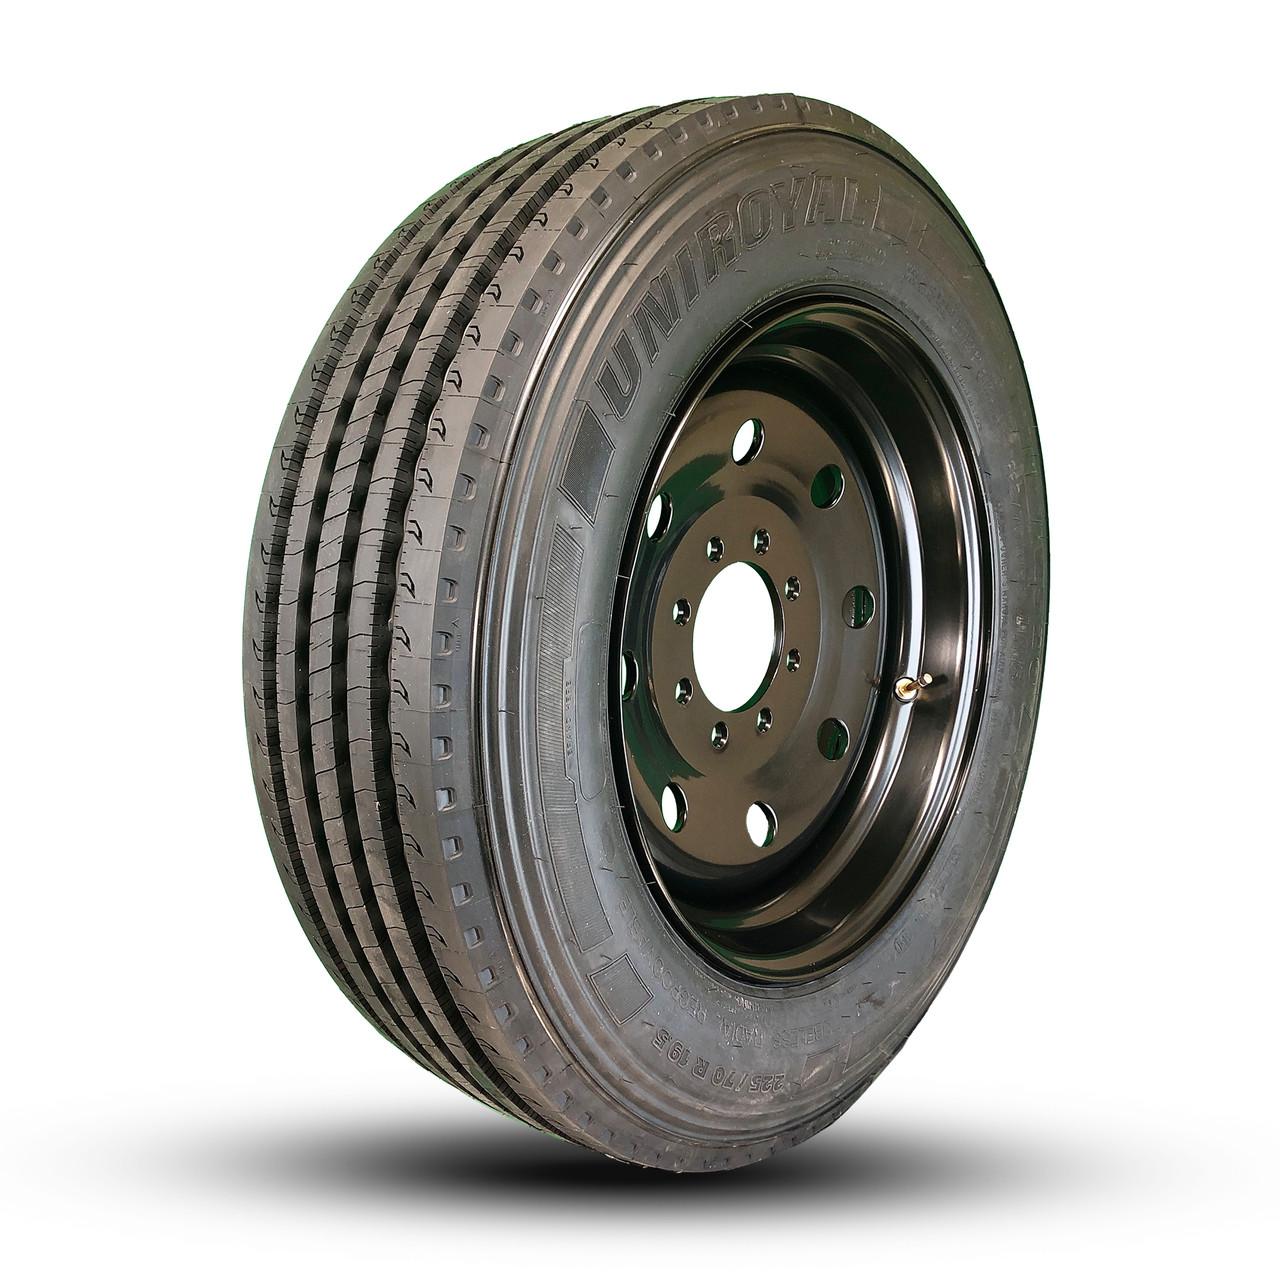 8-Lug Rancher wheel with Uniroyal RS20 225/70R19.5 LRG.